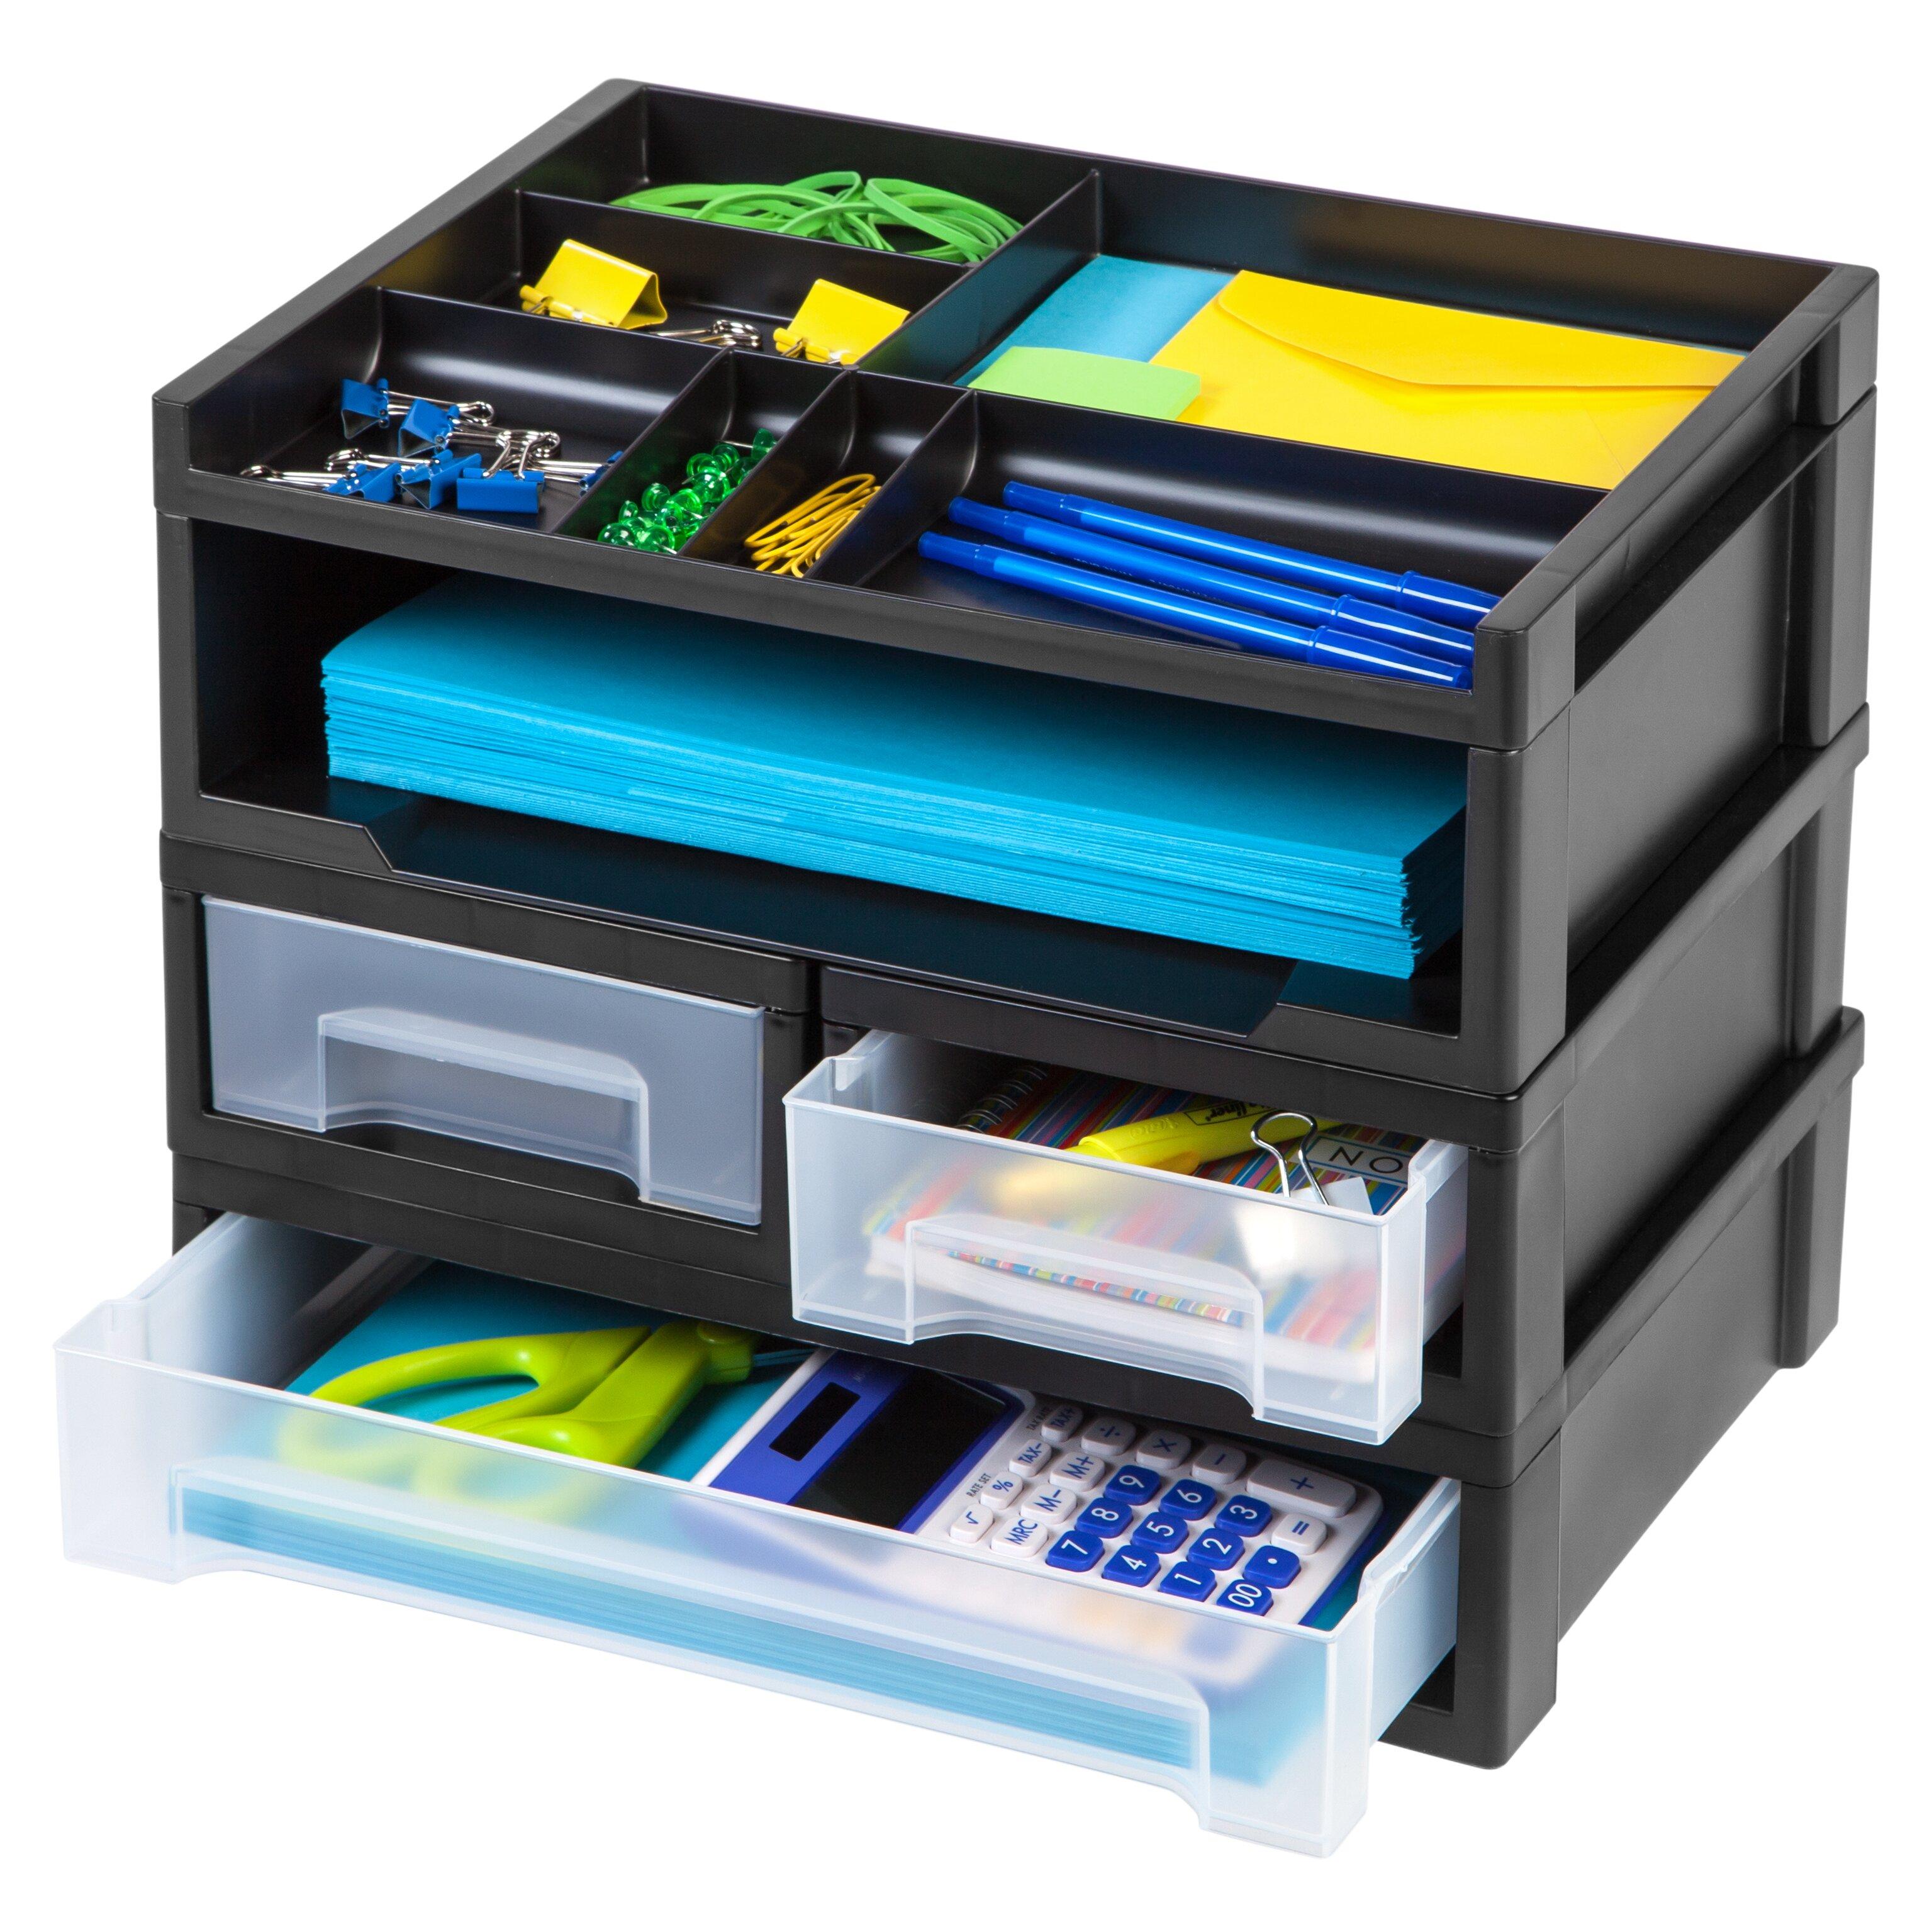 Desk top organizer wayfair supply - Best desk organizers ...